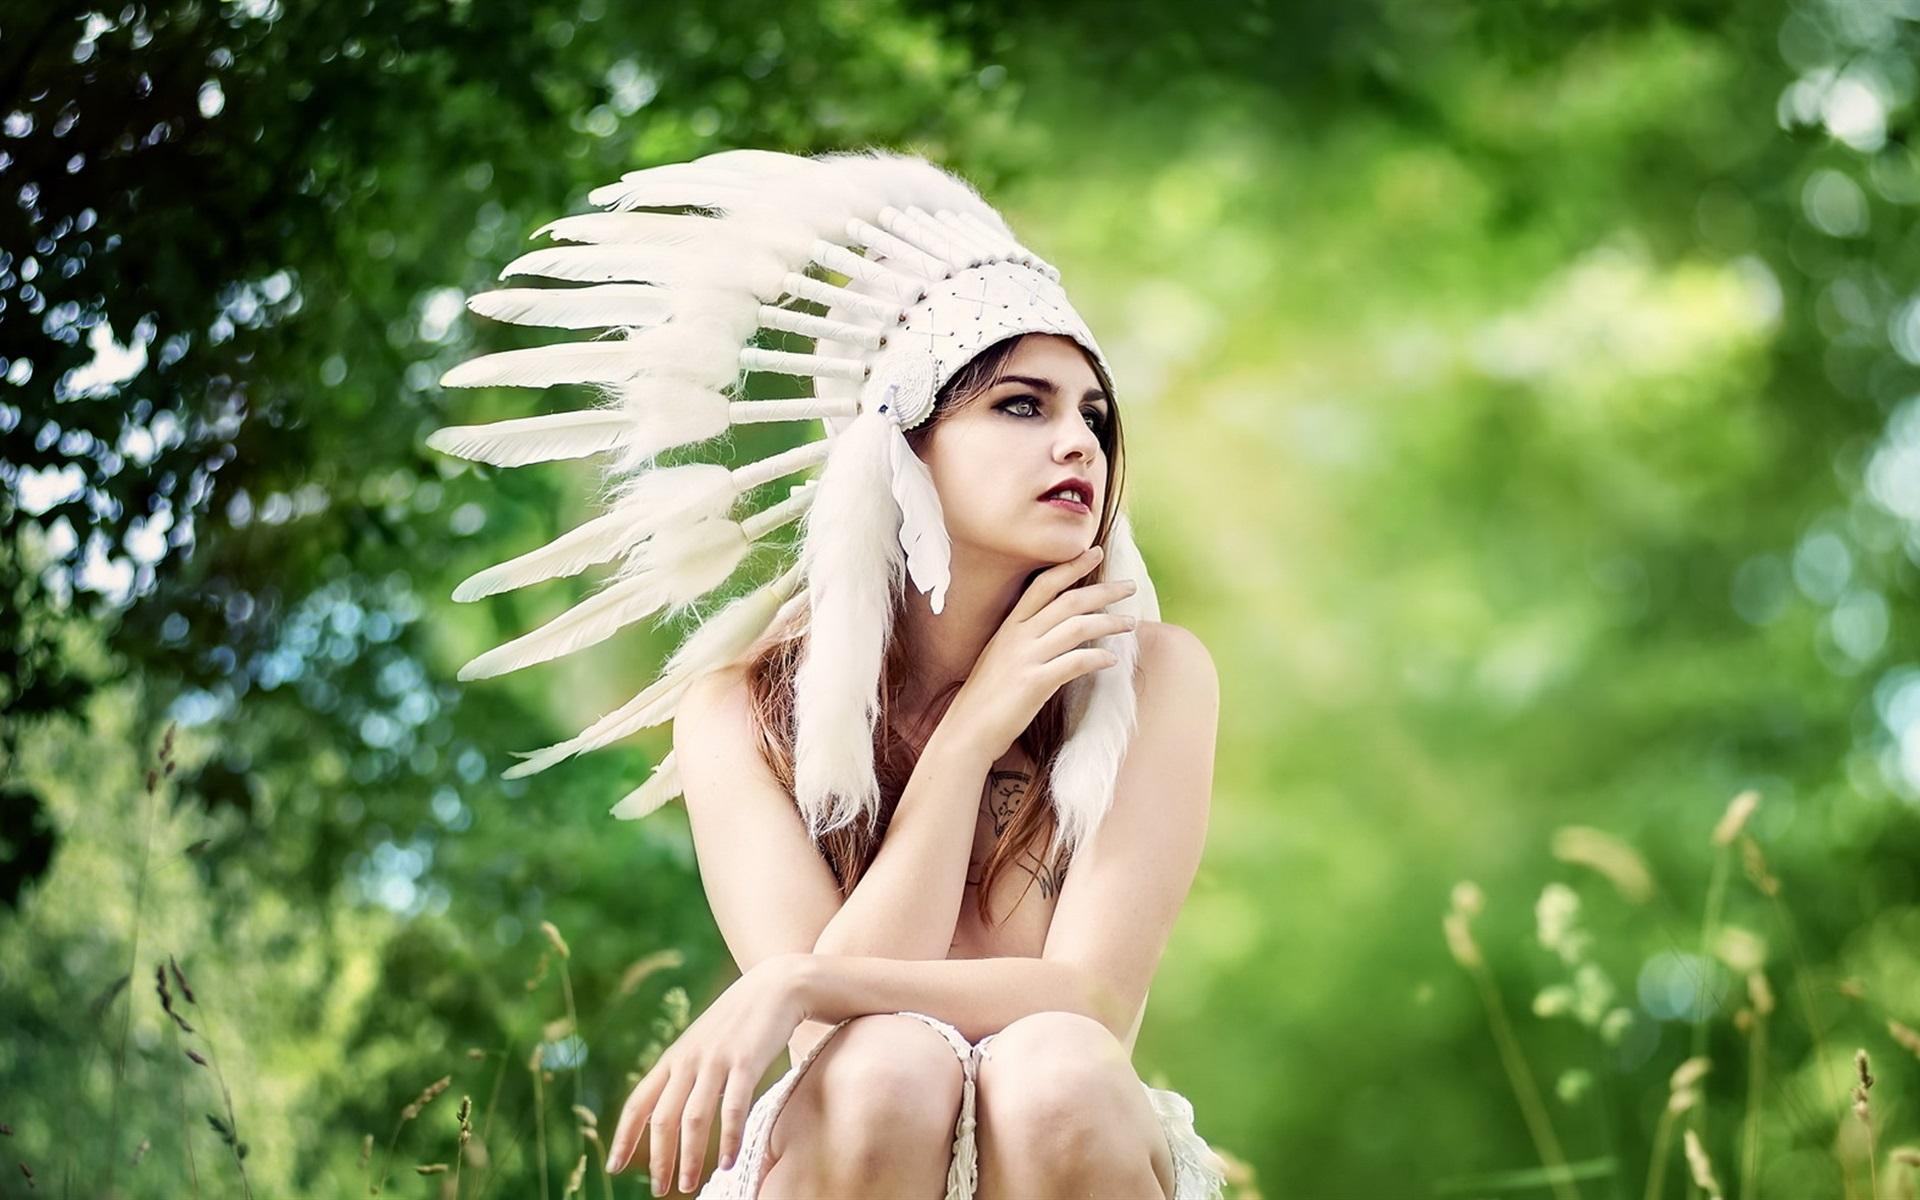 девушка индейцы бесплатно